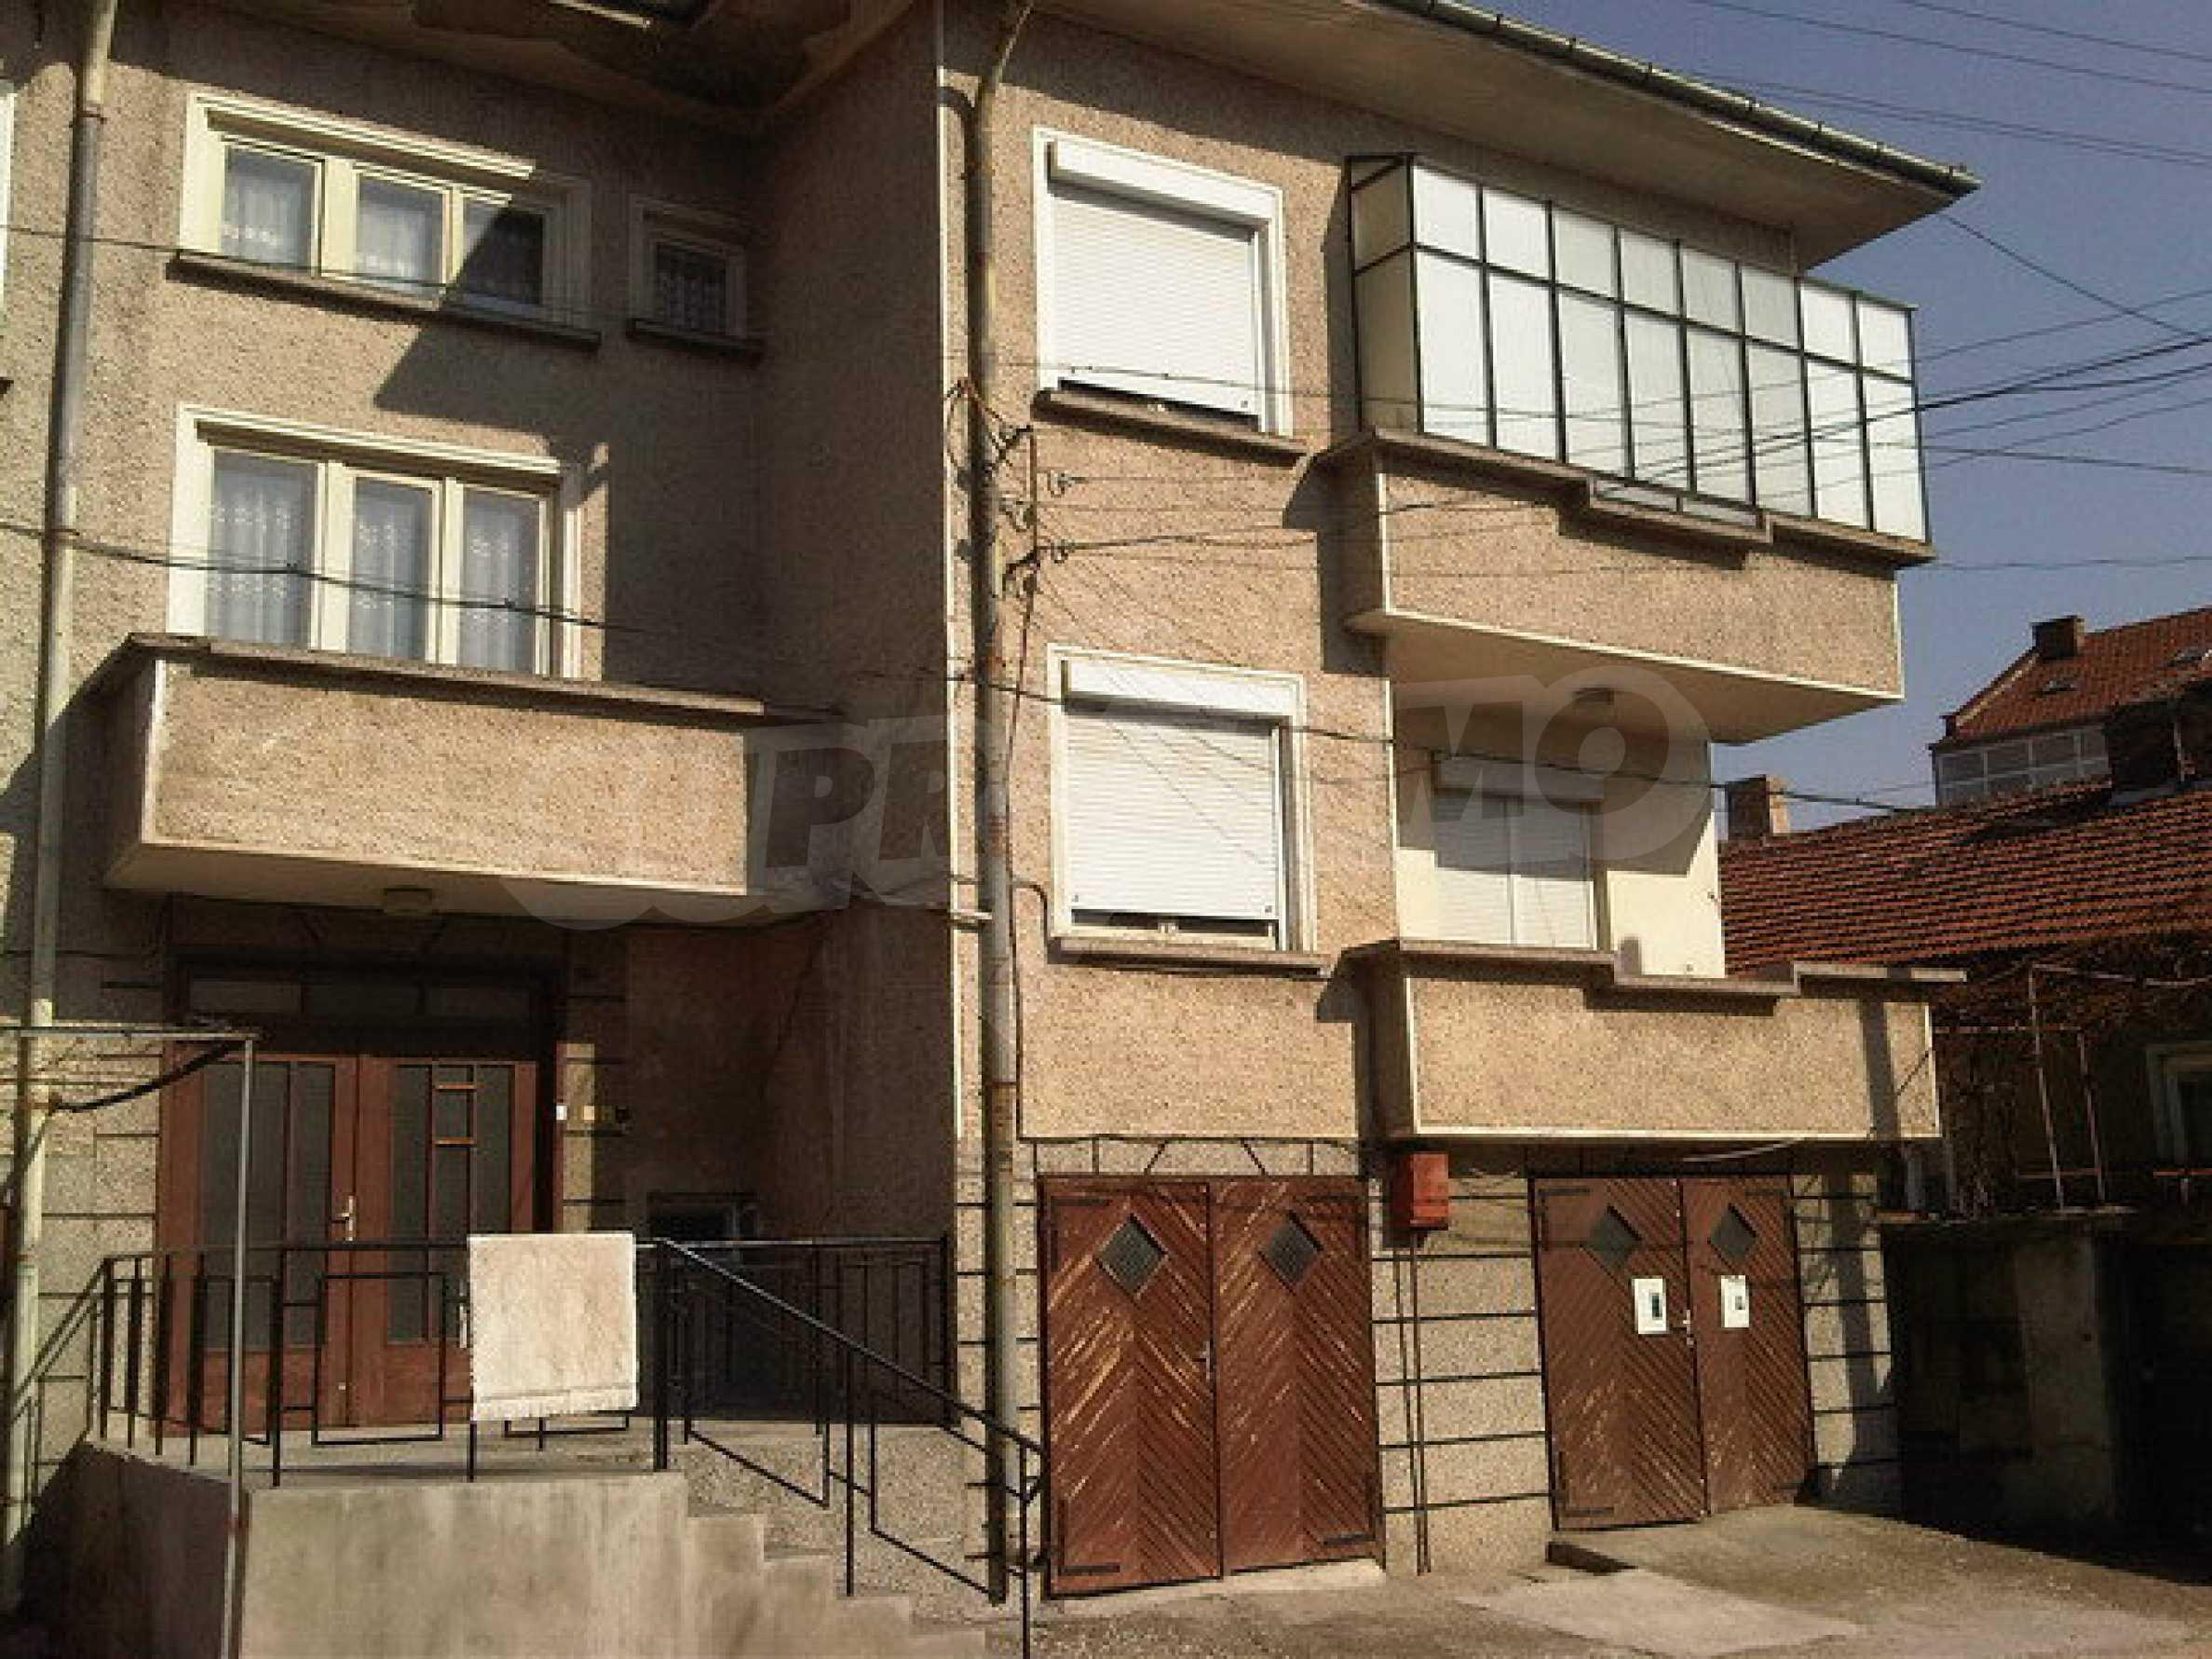 Четиристаен апартамент на втори етаж в сграда в неспосредственна близост центъра на град Севлиево 1